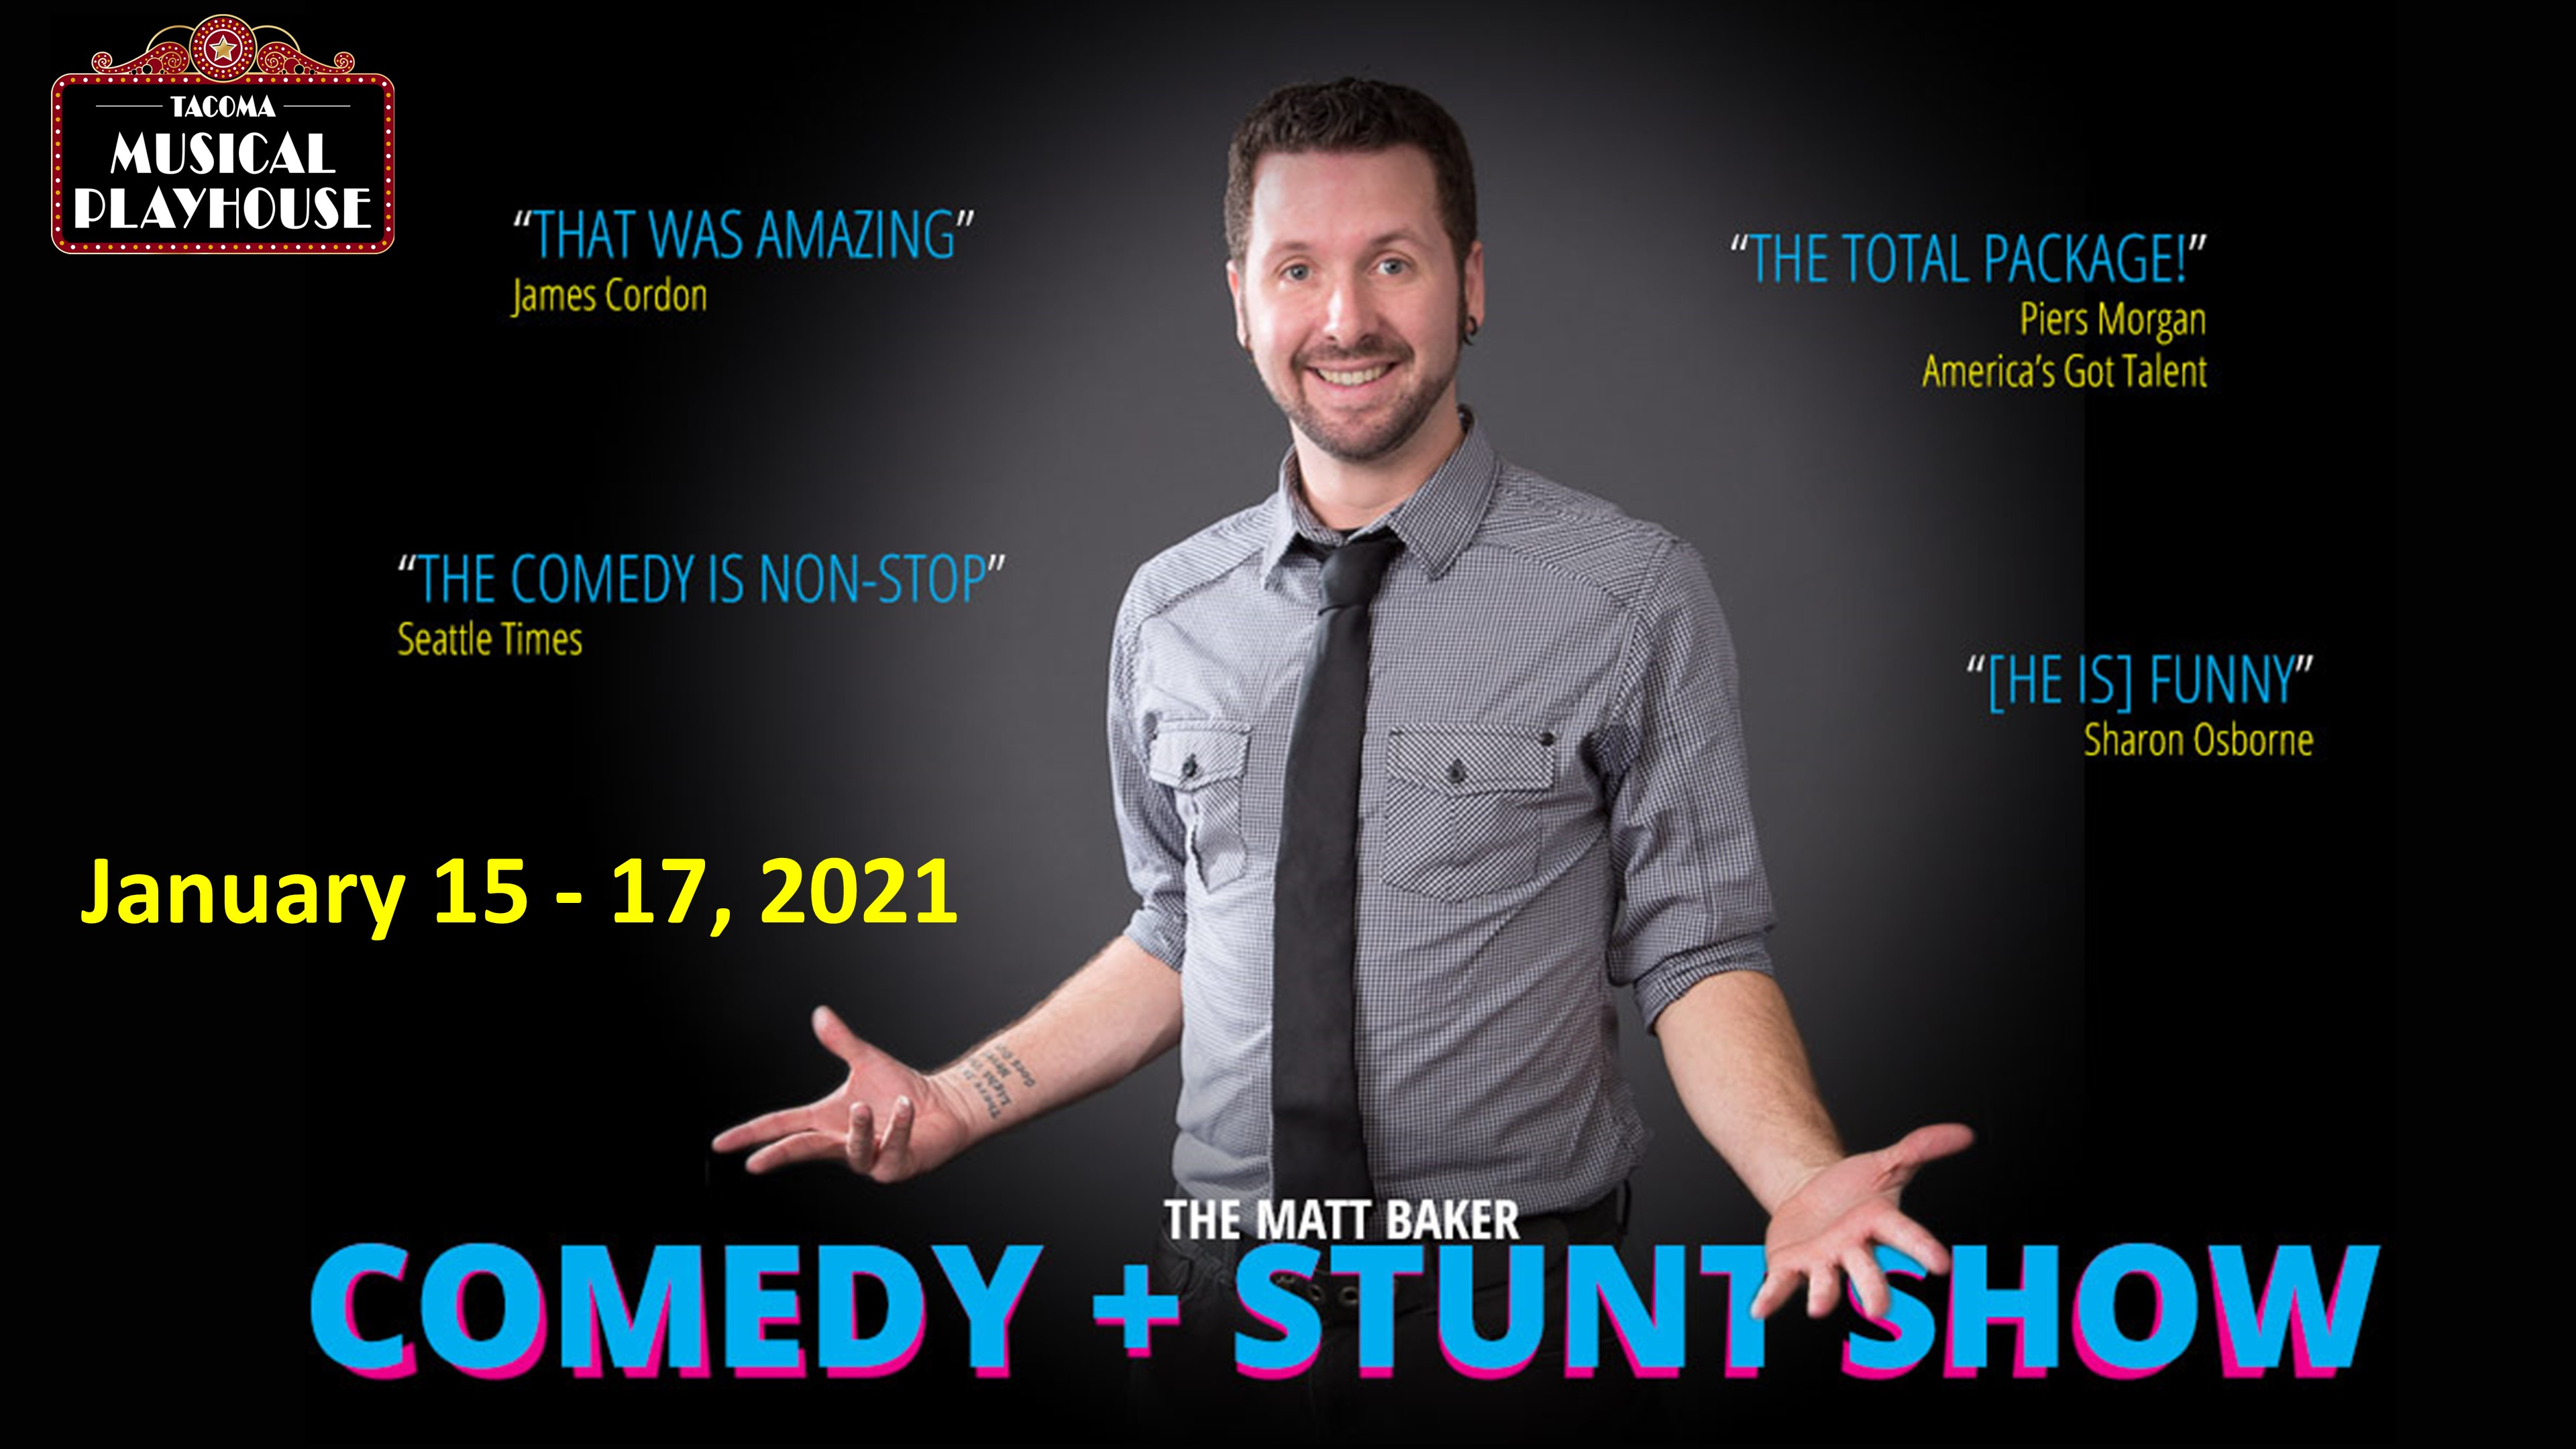 Matt Baker Comedy + Stunt Show - A Virtual Event